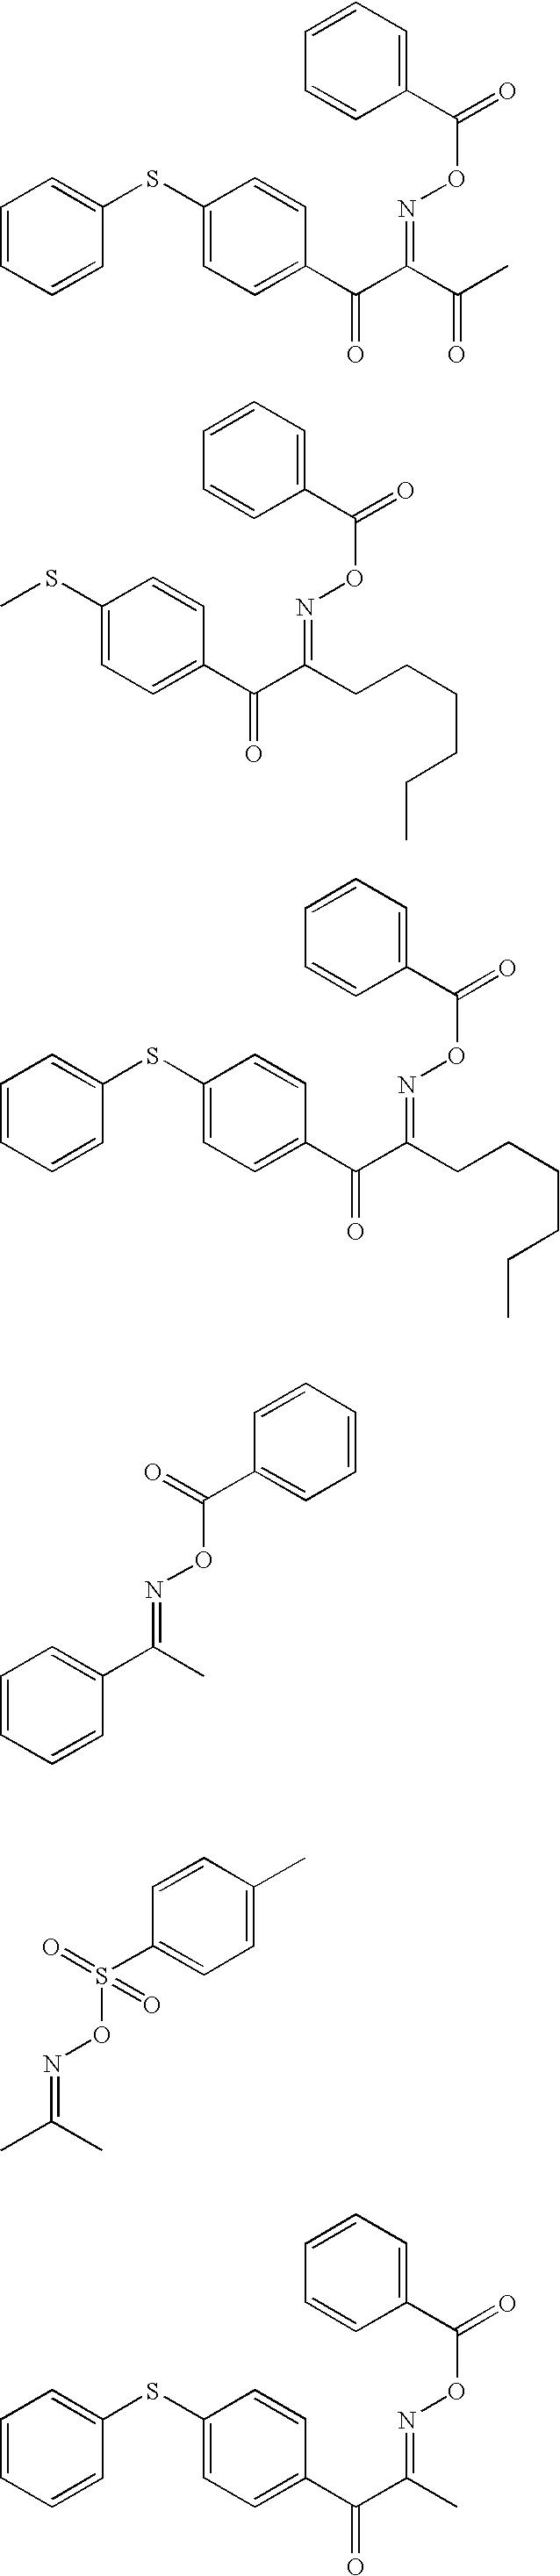 Figure US07910286-20110322-C00009